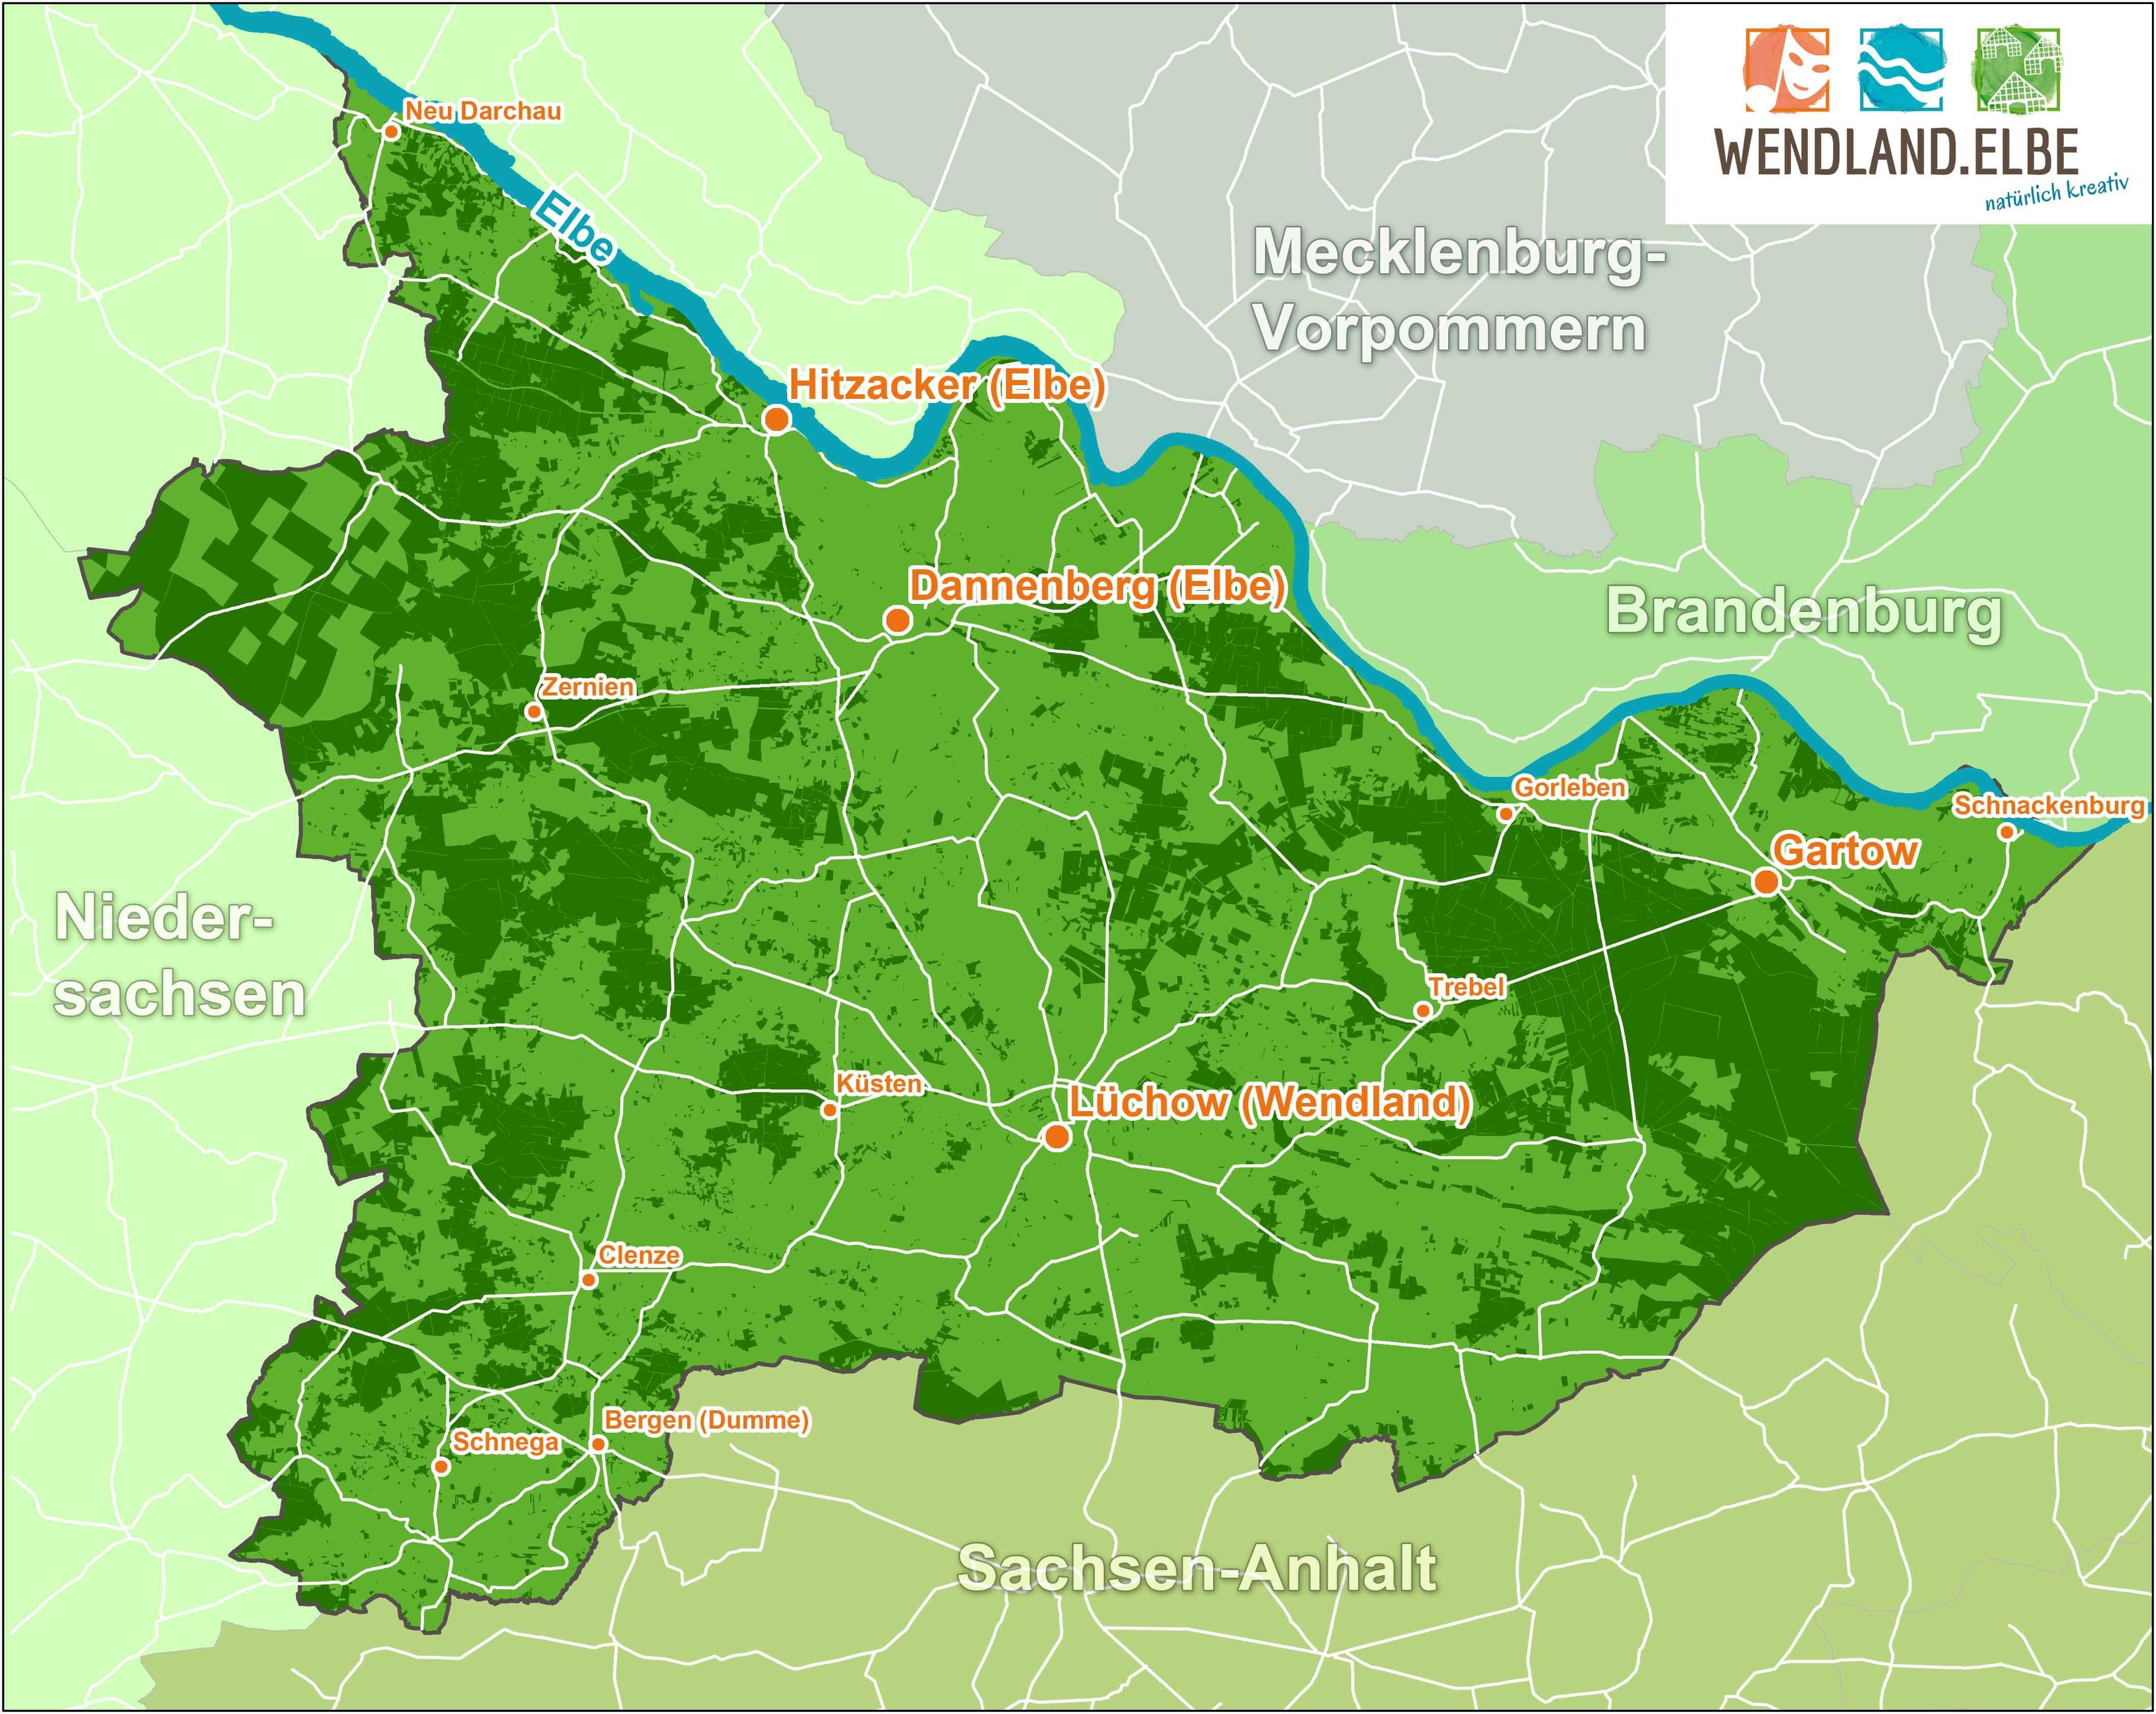 Übersichtskarte der Region Wendland.Elbe ©Marketingbüro Wendland.Elbe